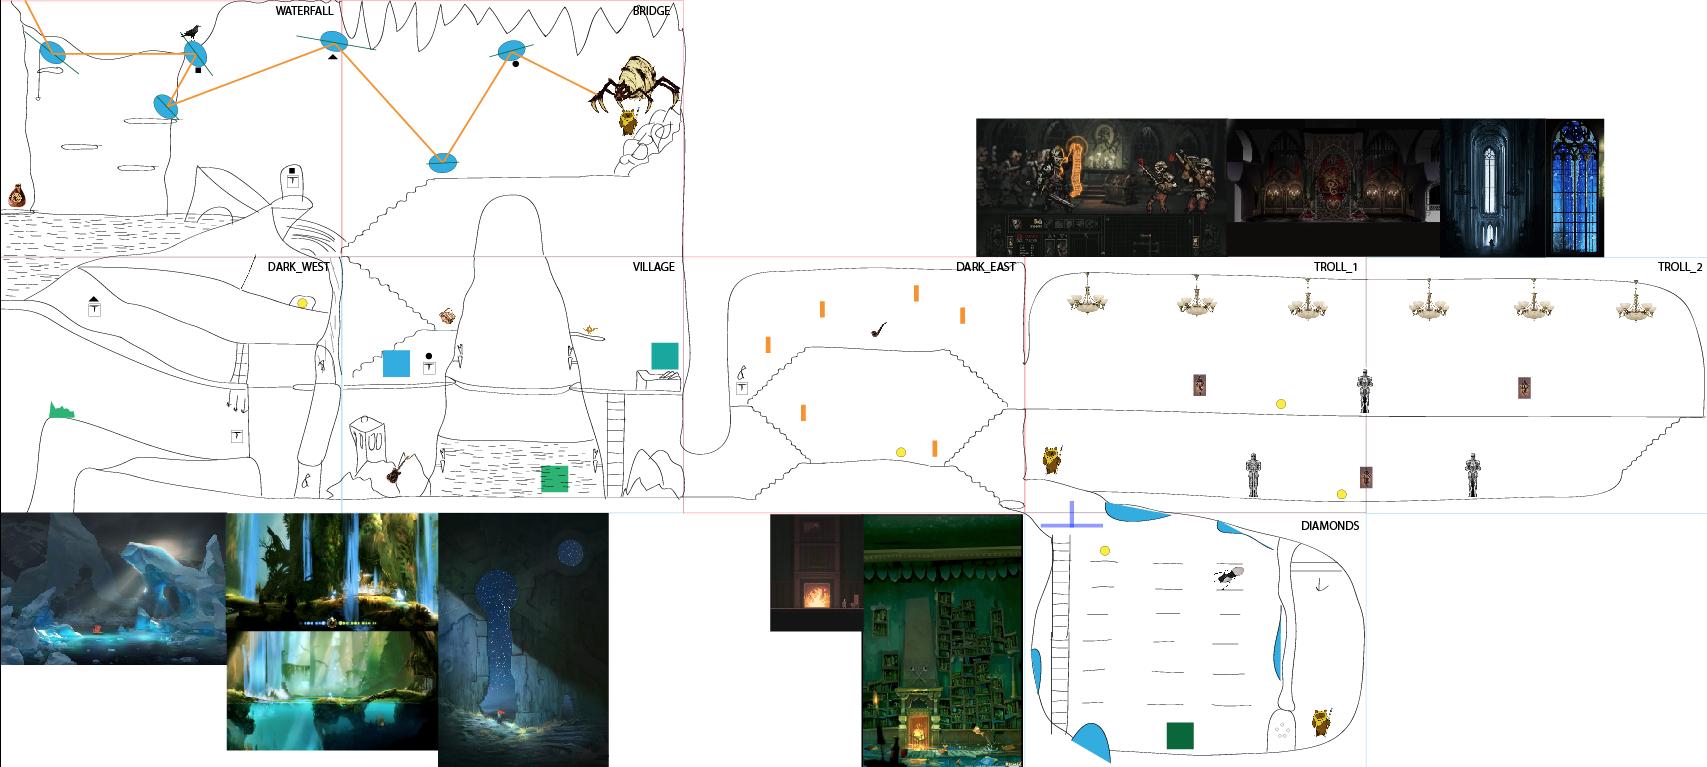 Die With Glory – внутренняя кухня разработки игры, ч.2. - Изображение 7